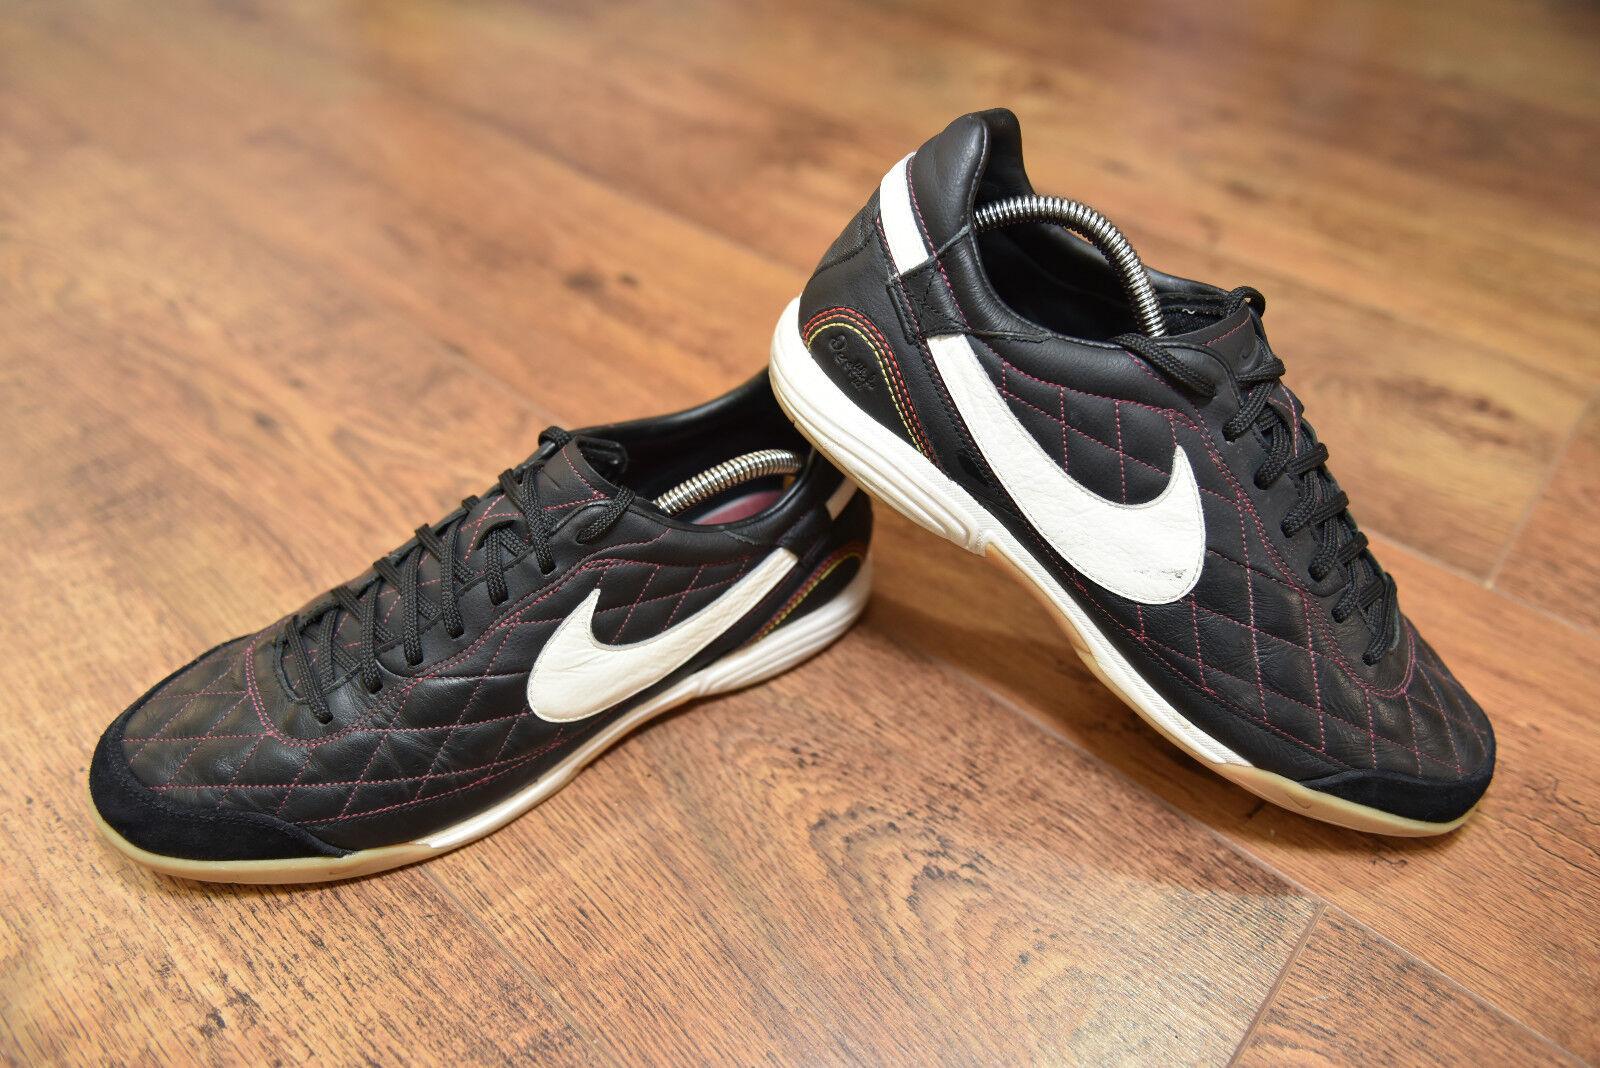 Nike Ronaldinho R10 Ic Indoor Fútbol botas Uk 10.5 en muy buen estado Turf Entrenadores Tribunal